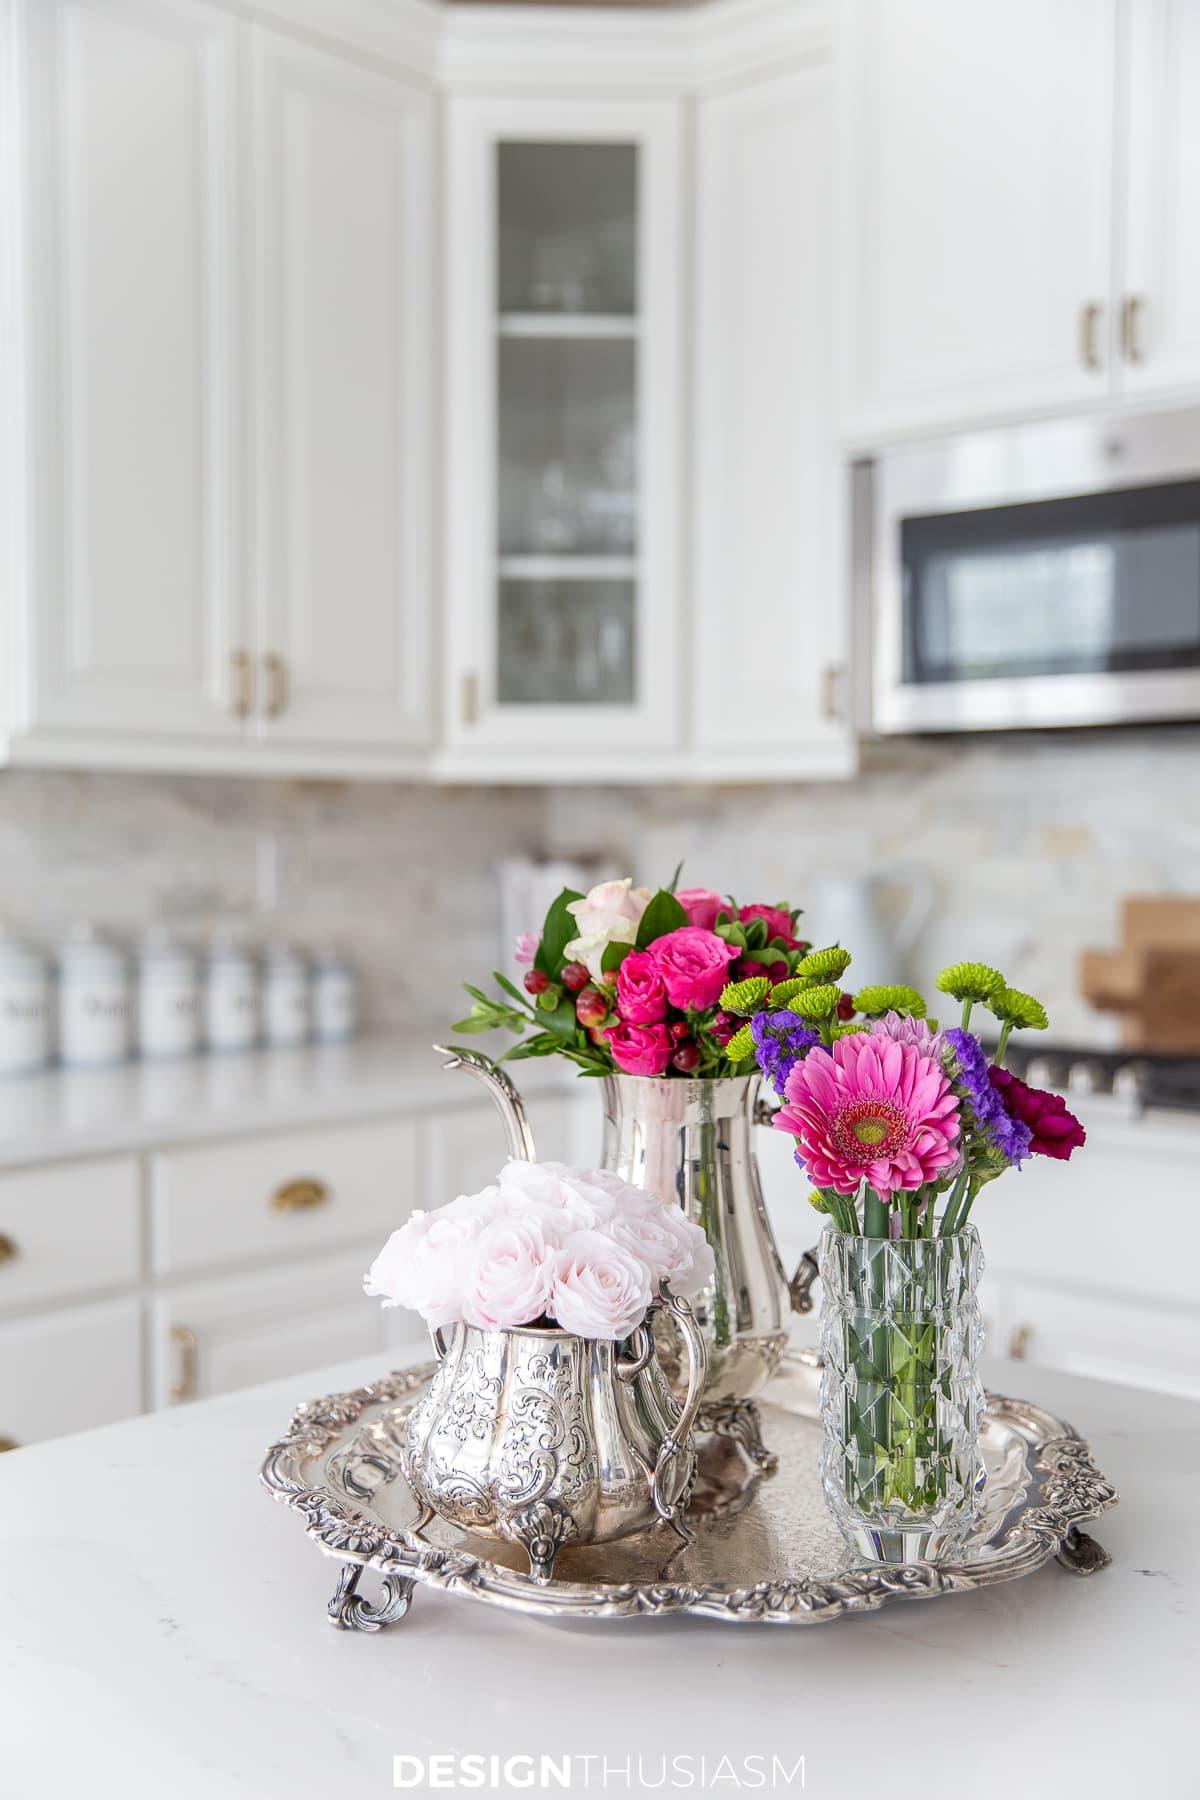 flores rosa em uma cozinha branca